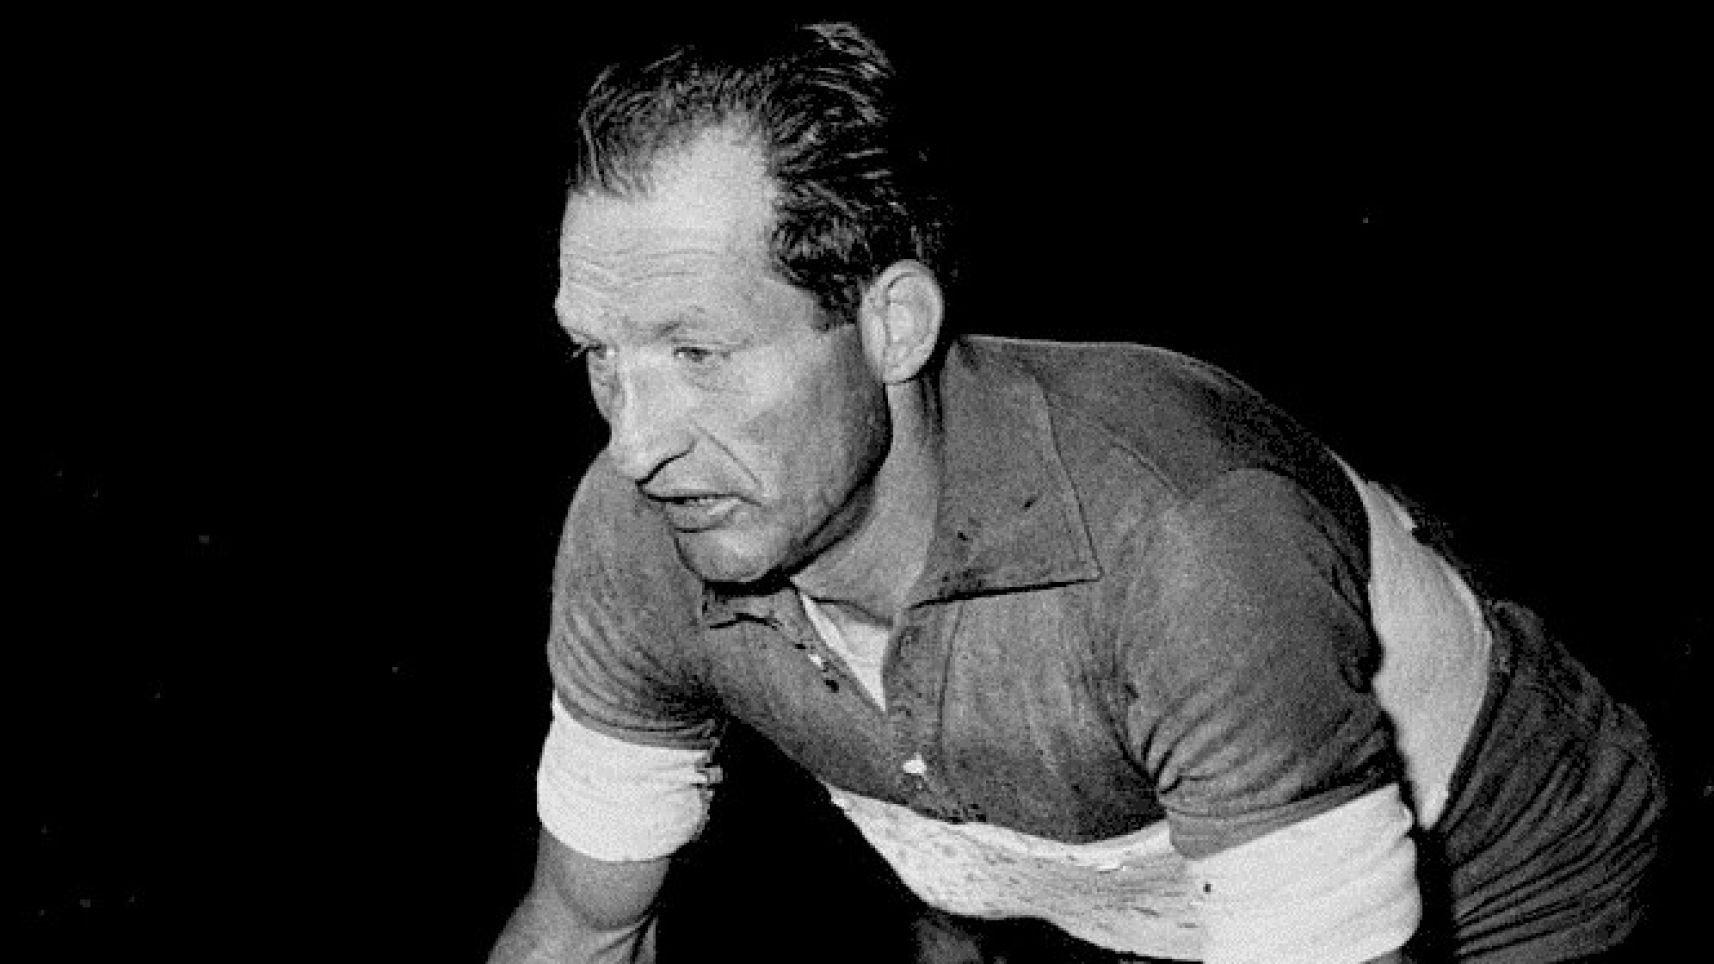 Israeli cyclist ride in Bartali tribute